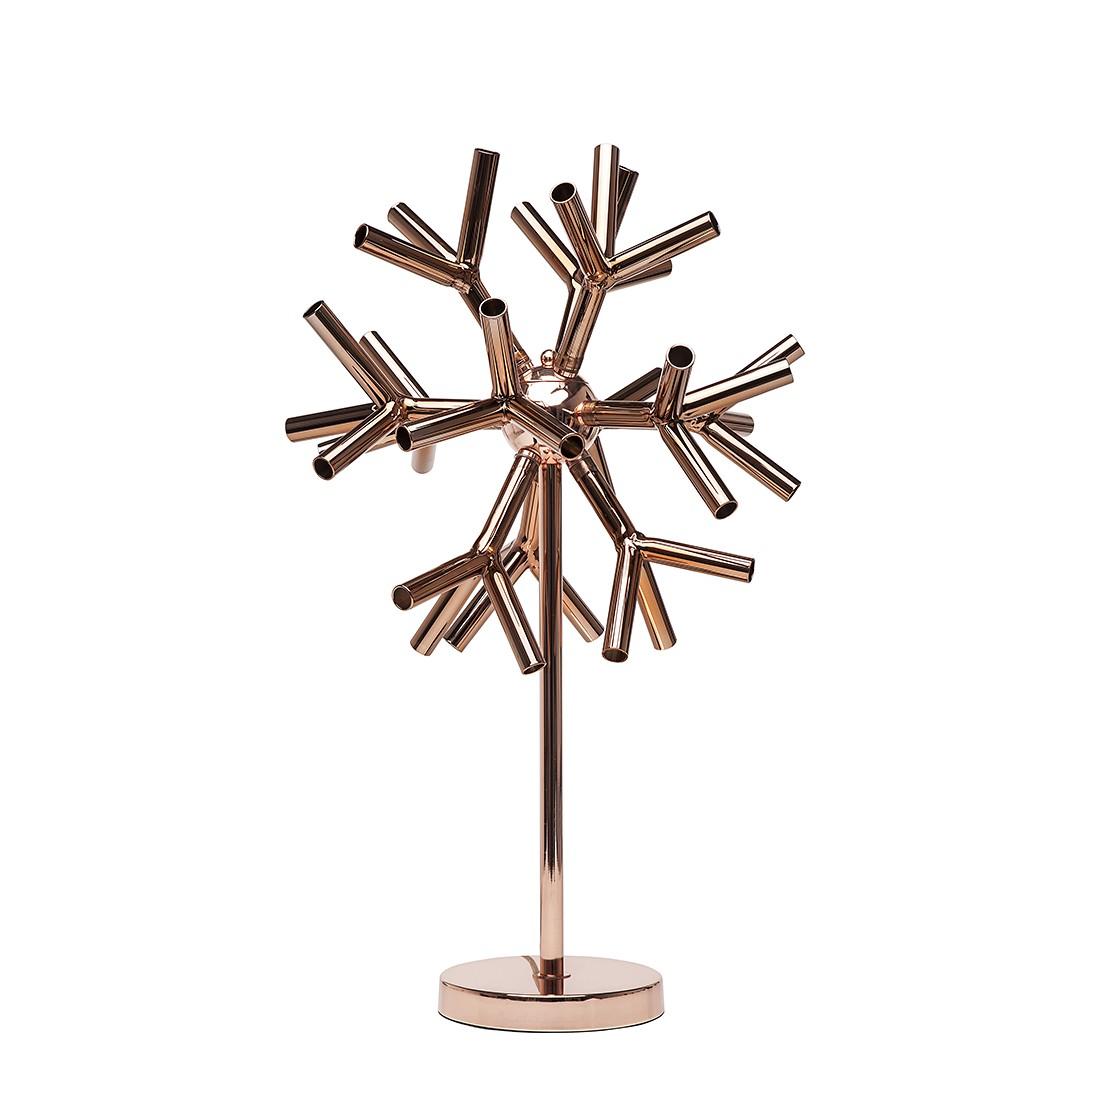 Tischleuchte Corallo ● Metall ● Braun ● 9-flammig- Kare Design C